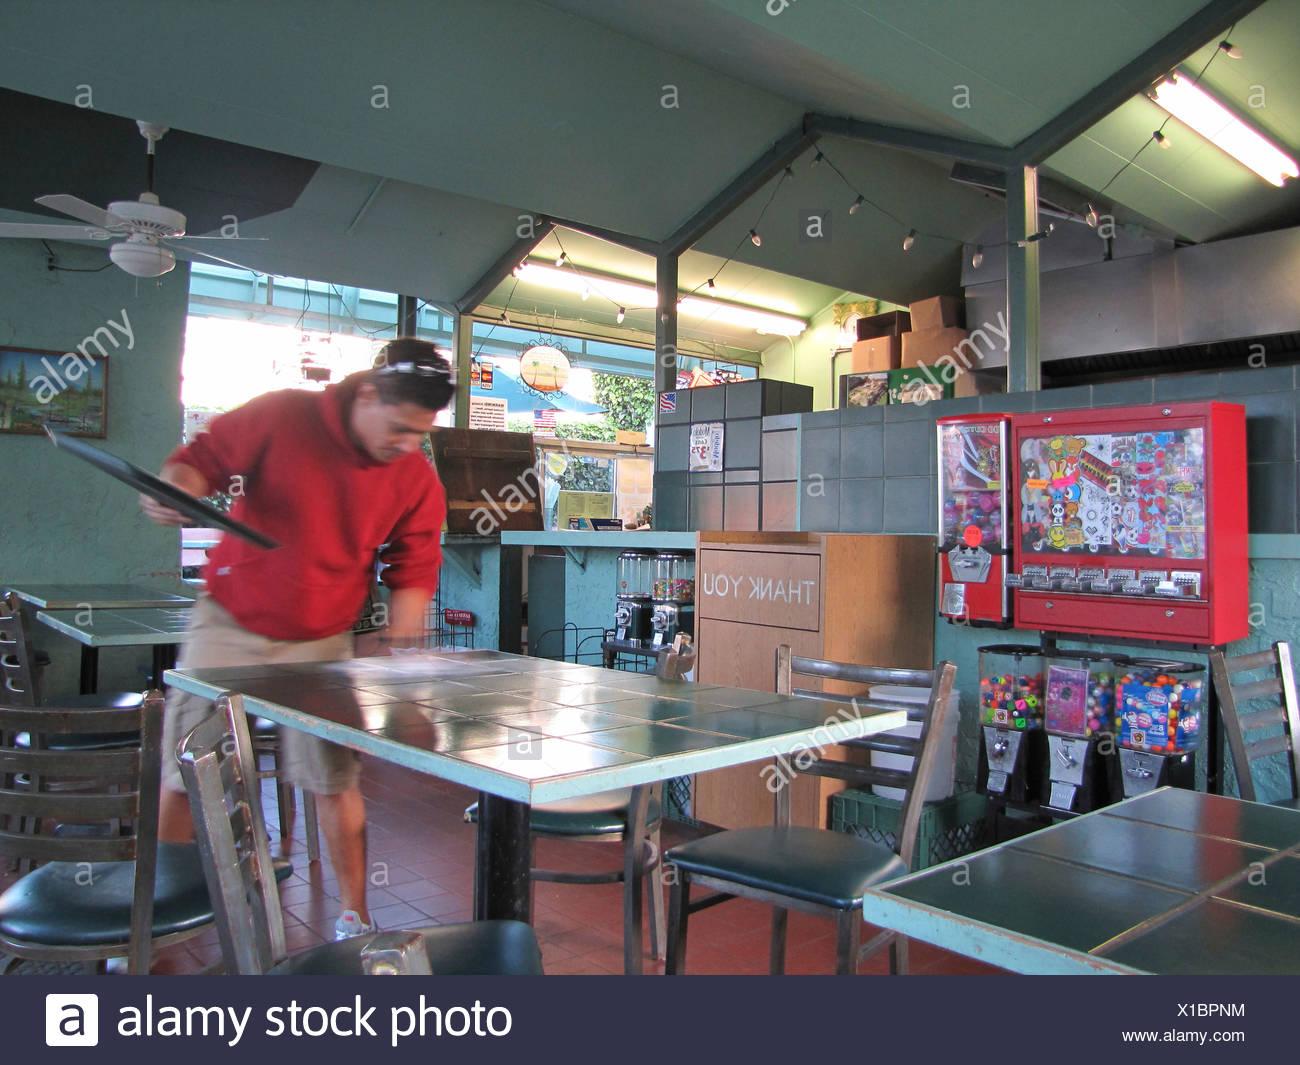 Hombre tabla de limpieza en restaurante de comida rápida americana, goma de mascar de la máquina en la parte izquierda de la imagen, California, Estados Unidos, Santa Cruz Imagen De Stock